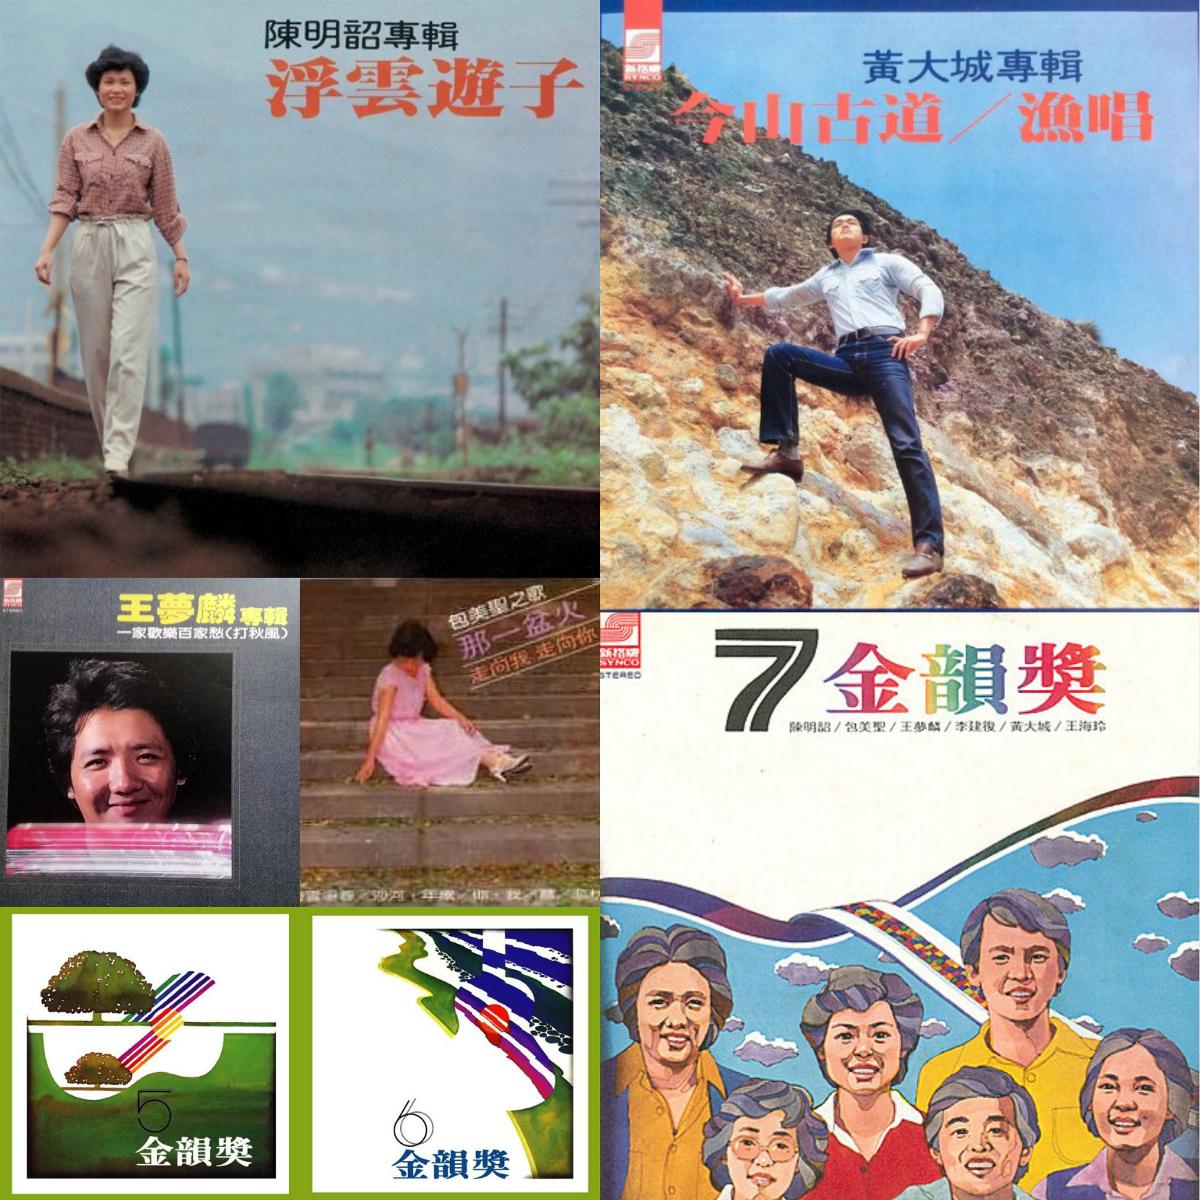 40週年紀念,重溫1980年「金韻獎」民歌(宅在家系列 ep. 5)